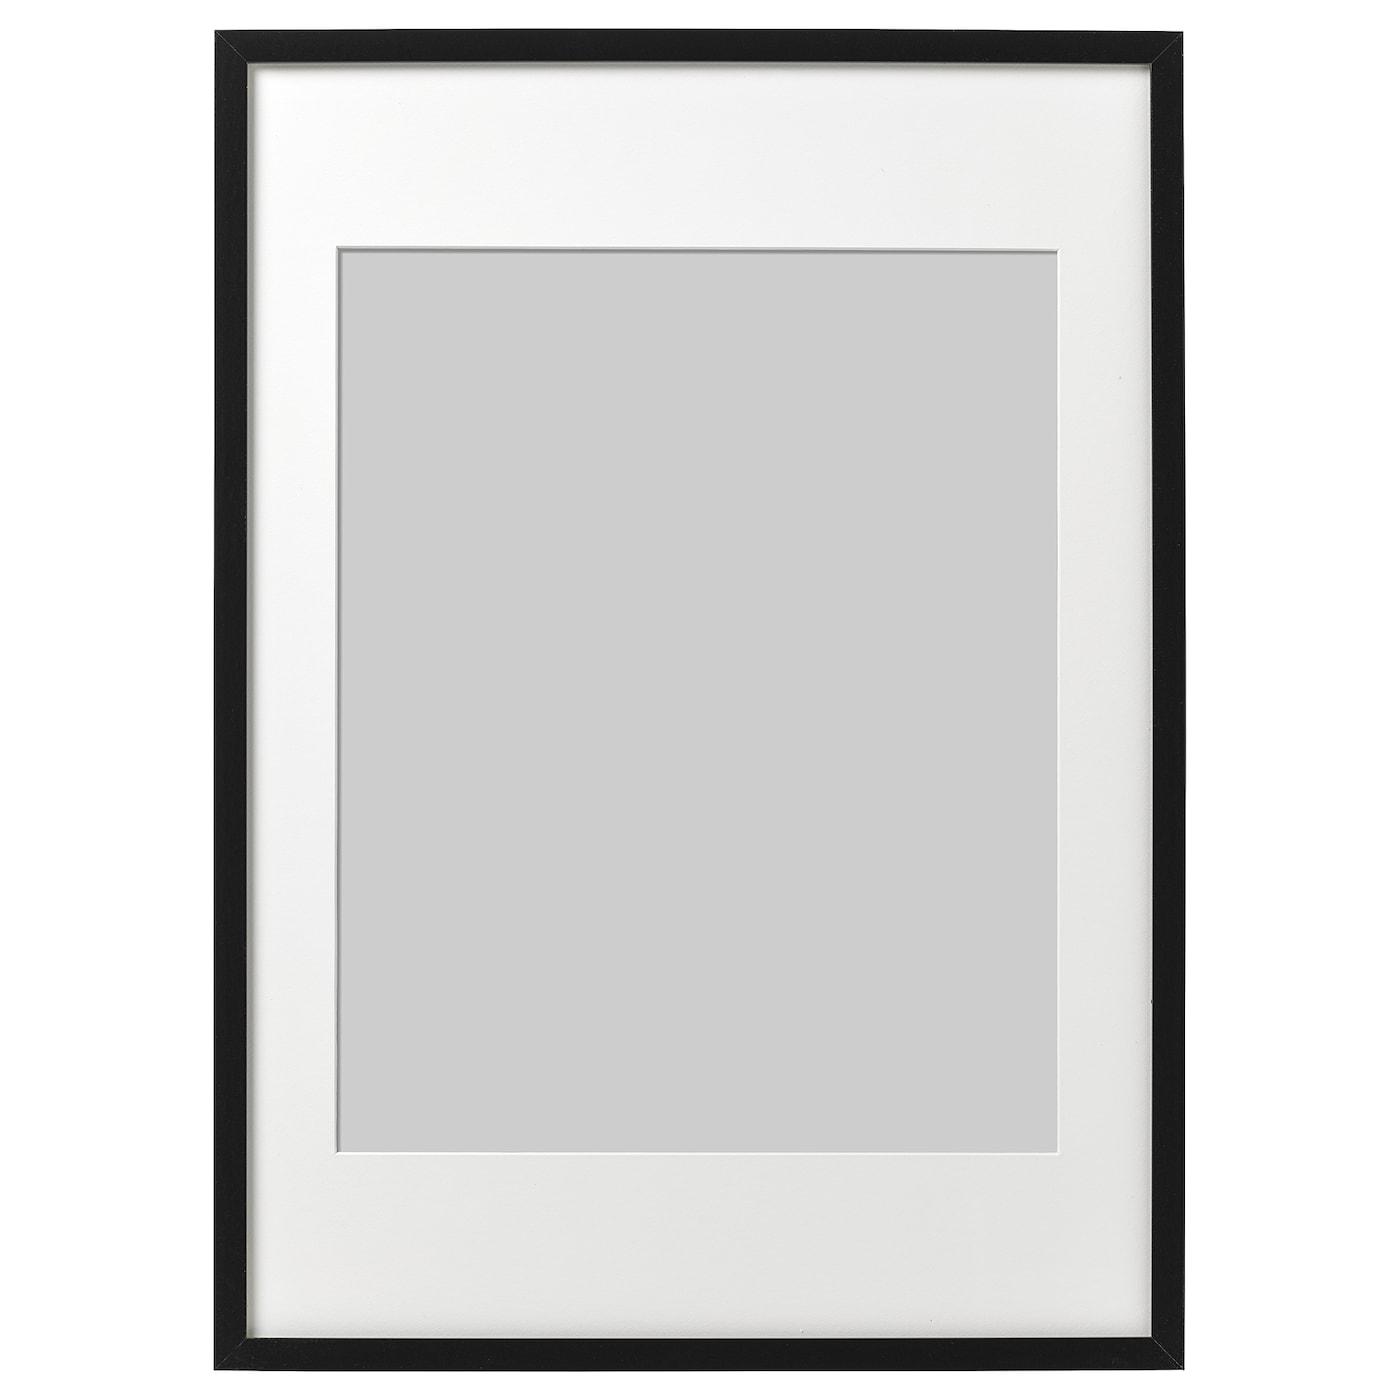 Cadre Photo Sur Pied Ikea ribba cadre - noir 50x70 cm